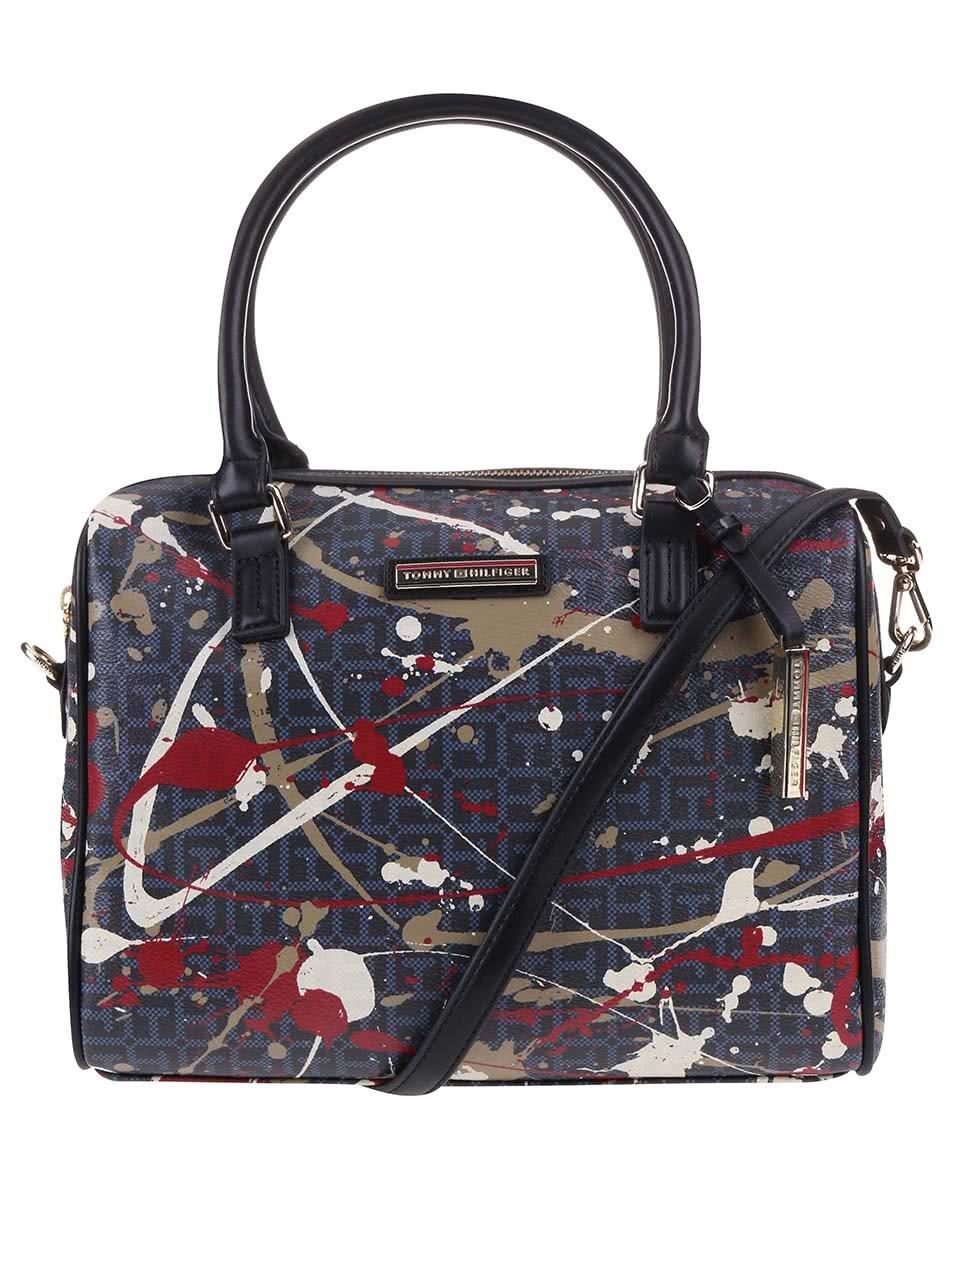 Čierna kabelka s farebnou potlačou Tommy Hilfiger Irene ... 3cccb3dada5